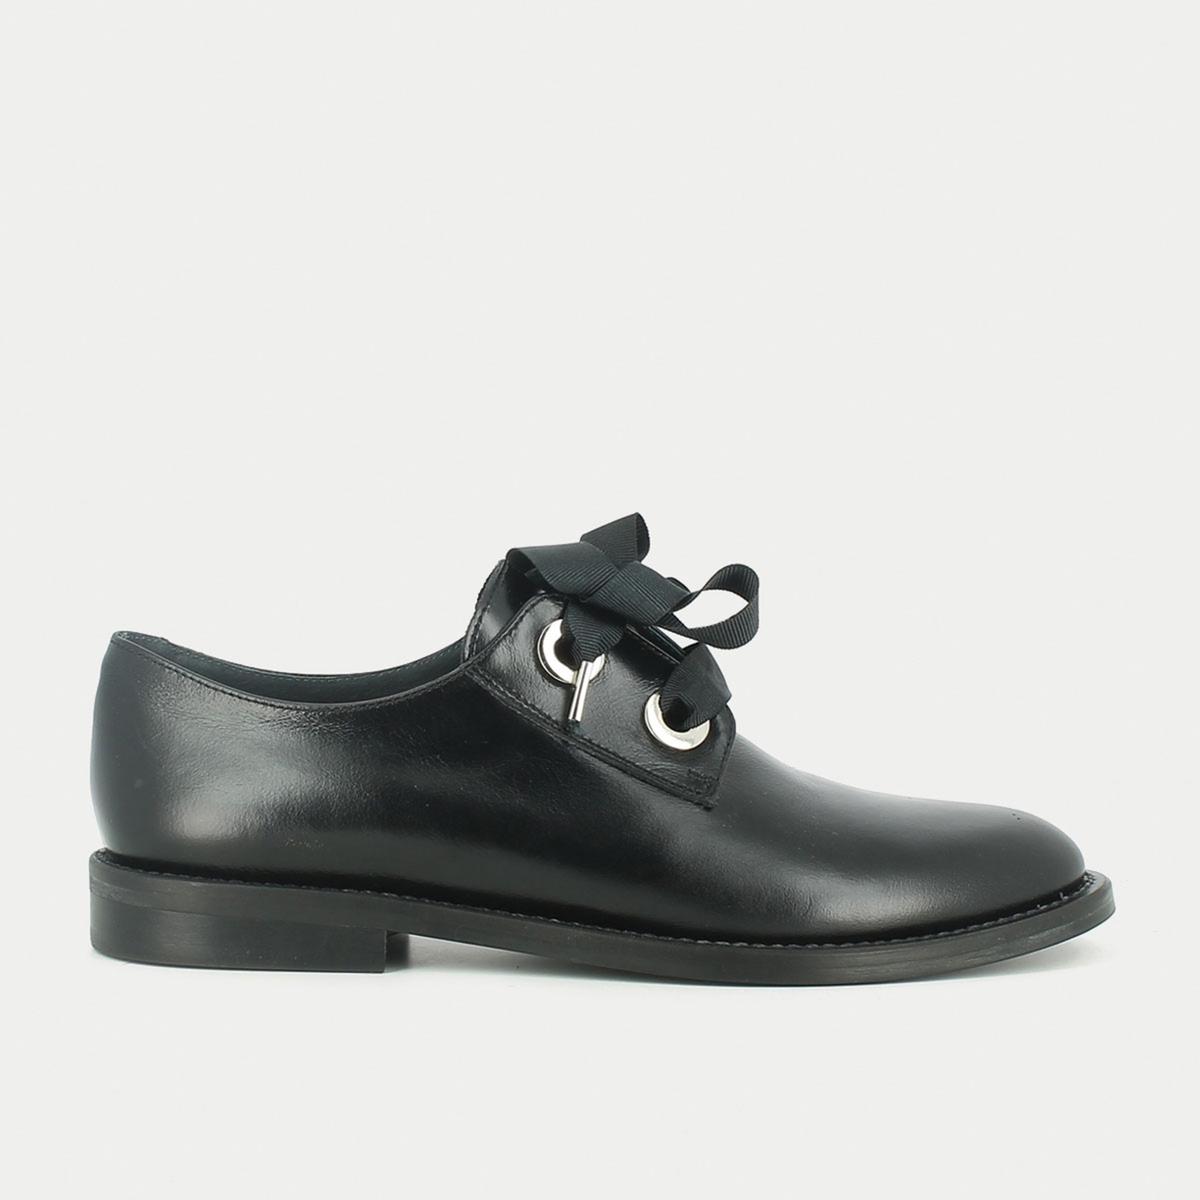 Ботинки-дерби кожаные на шнуровке, Deli цены онлайн